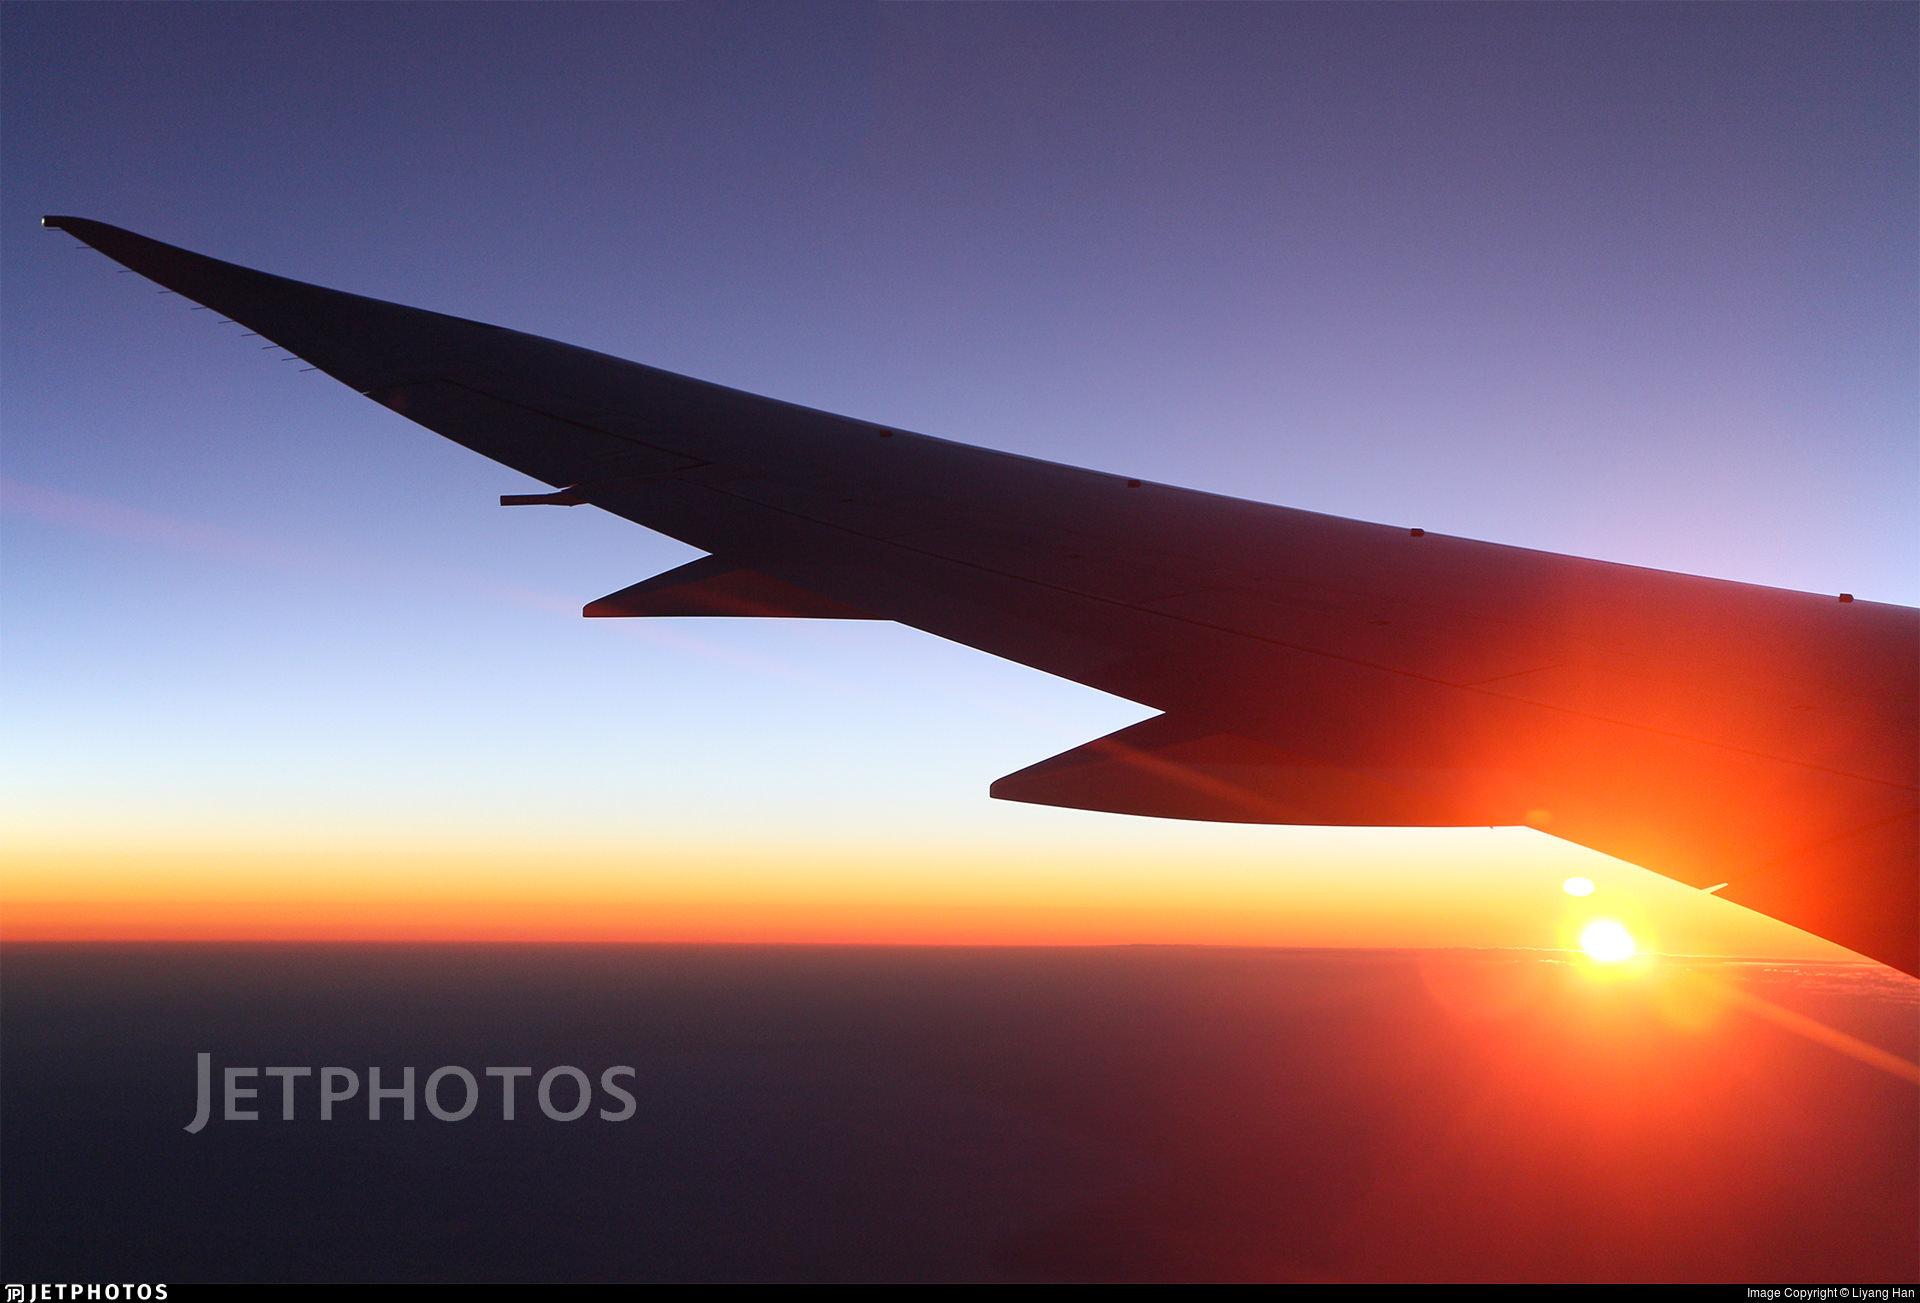 A Qantas 787 above the sunrise